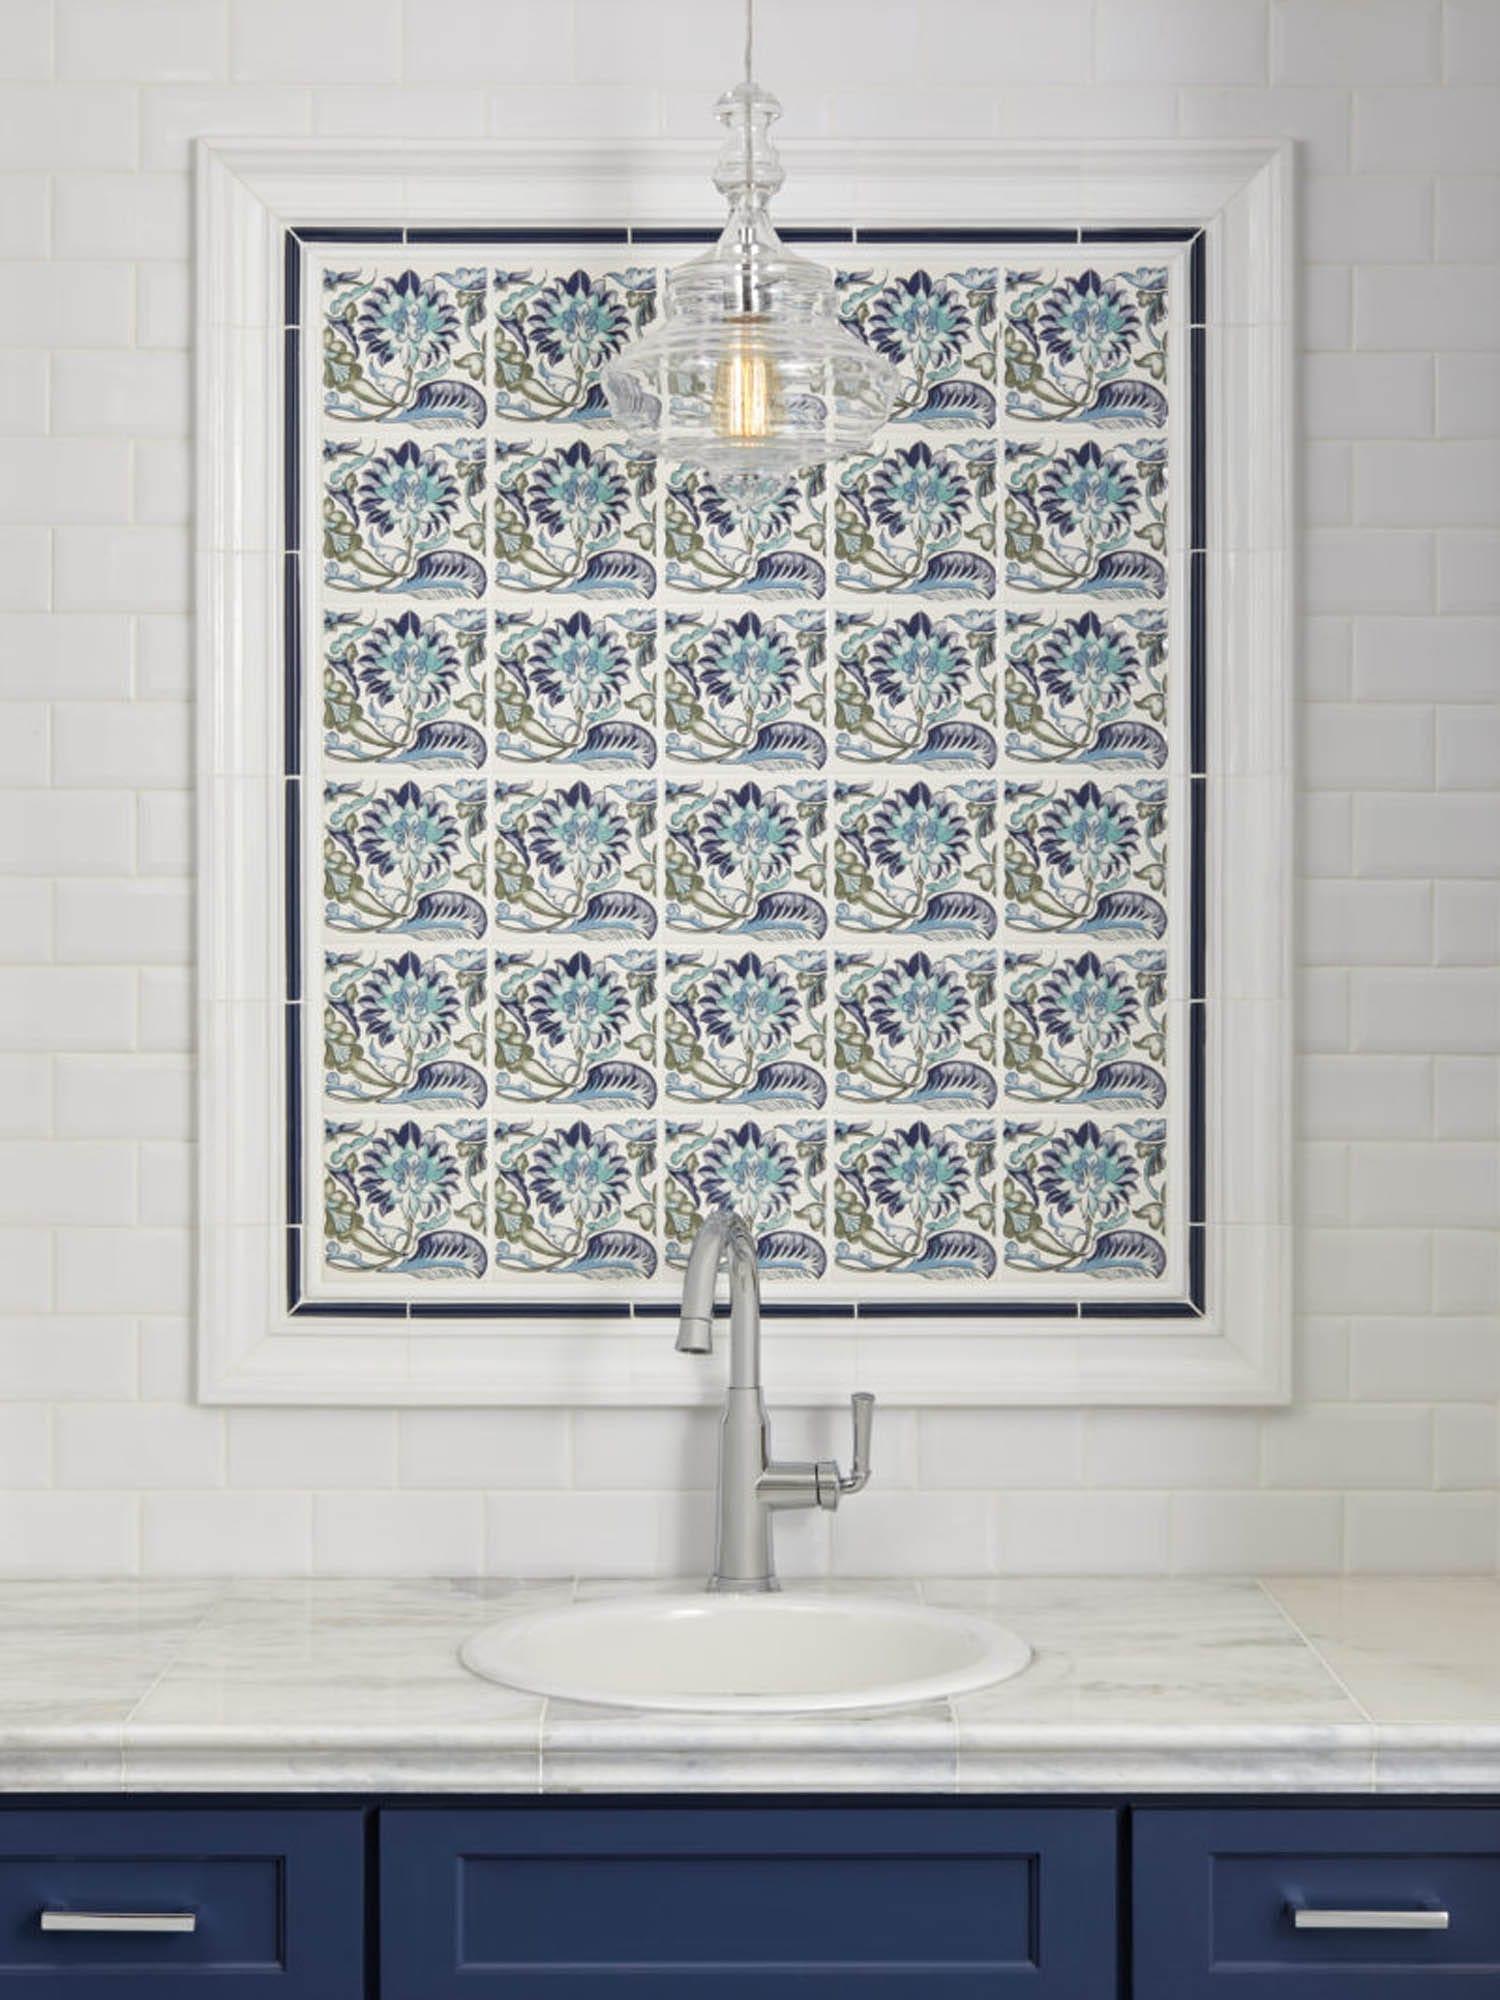 Framed patterned floral tiles